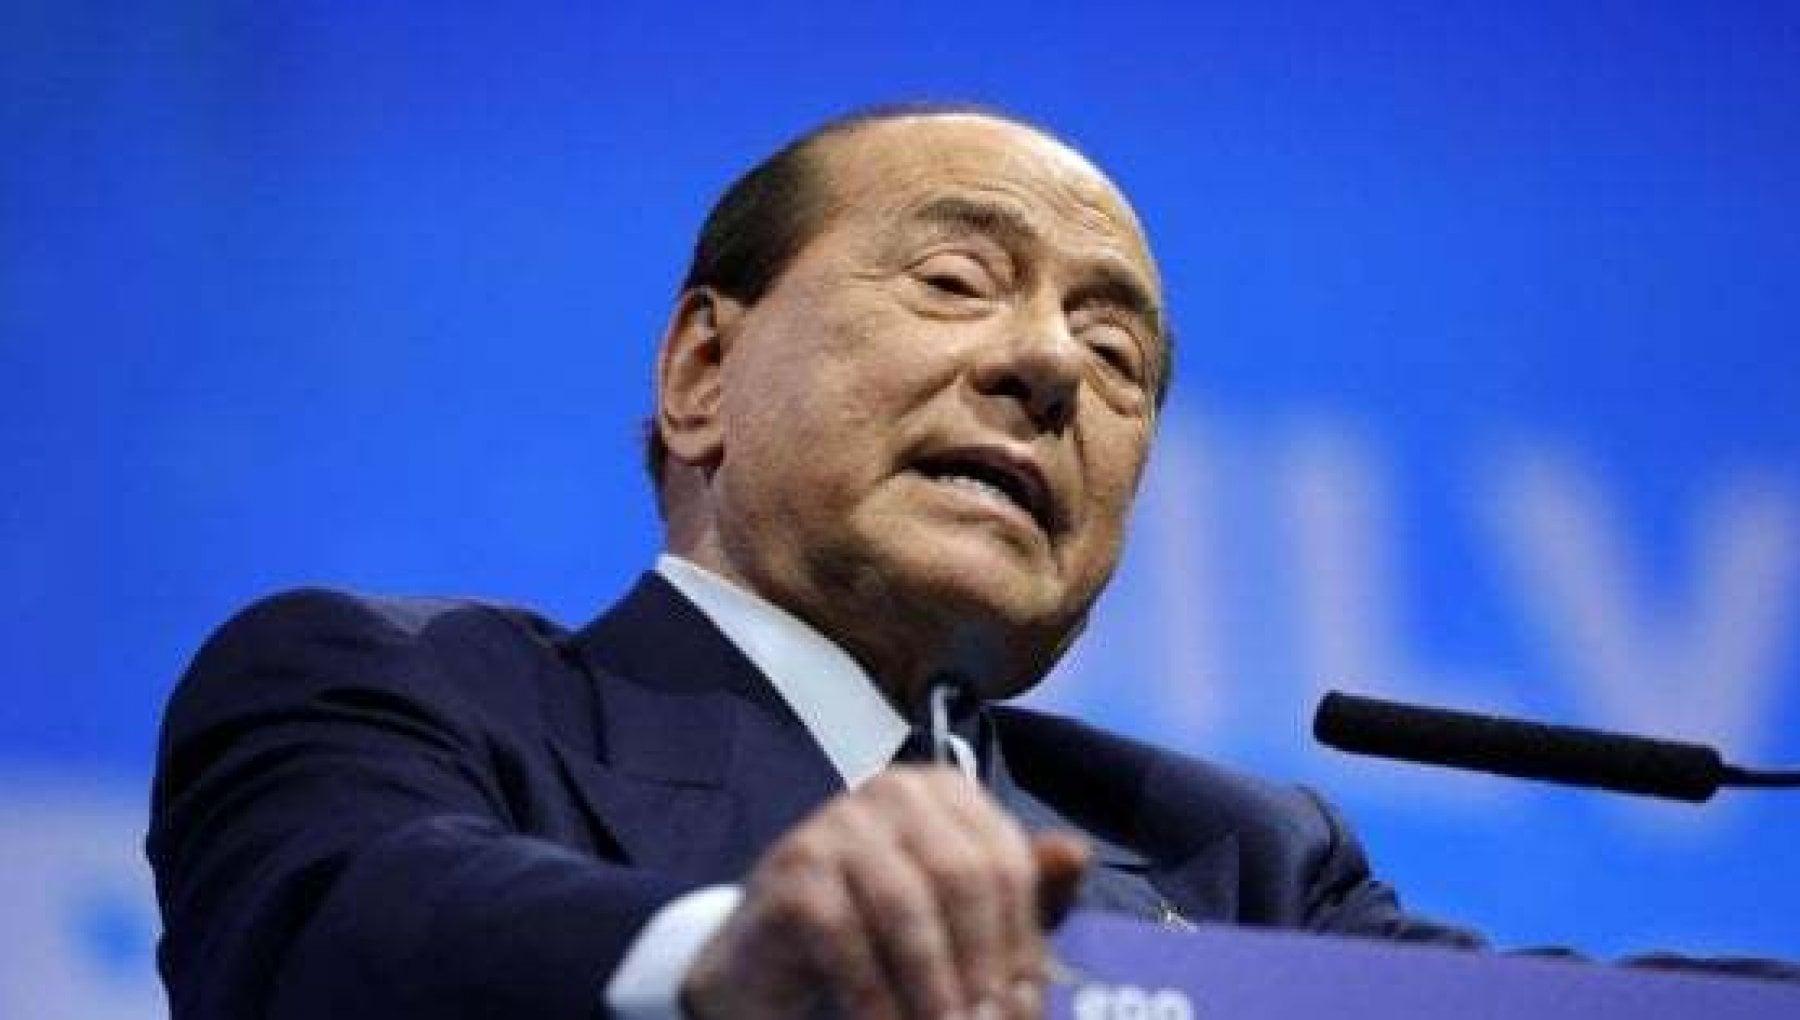 La caccia agli alleati dai veleni al corteggiamento limpensabile unione tra Berlusconi e Di Maio